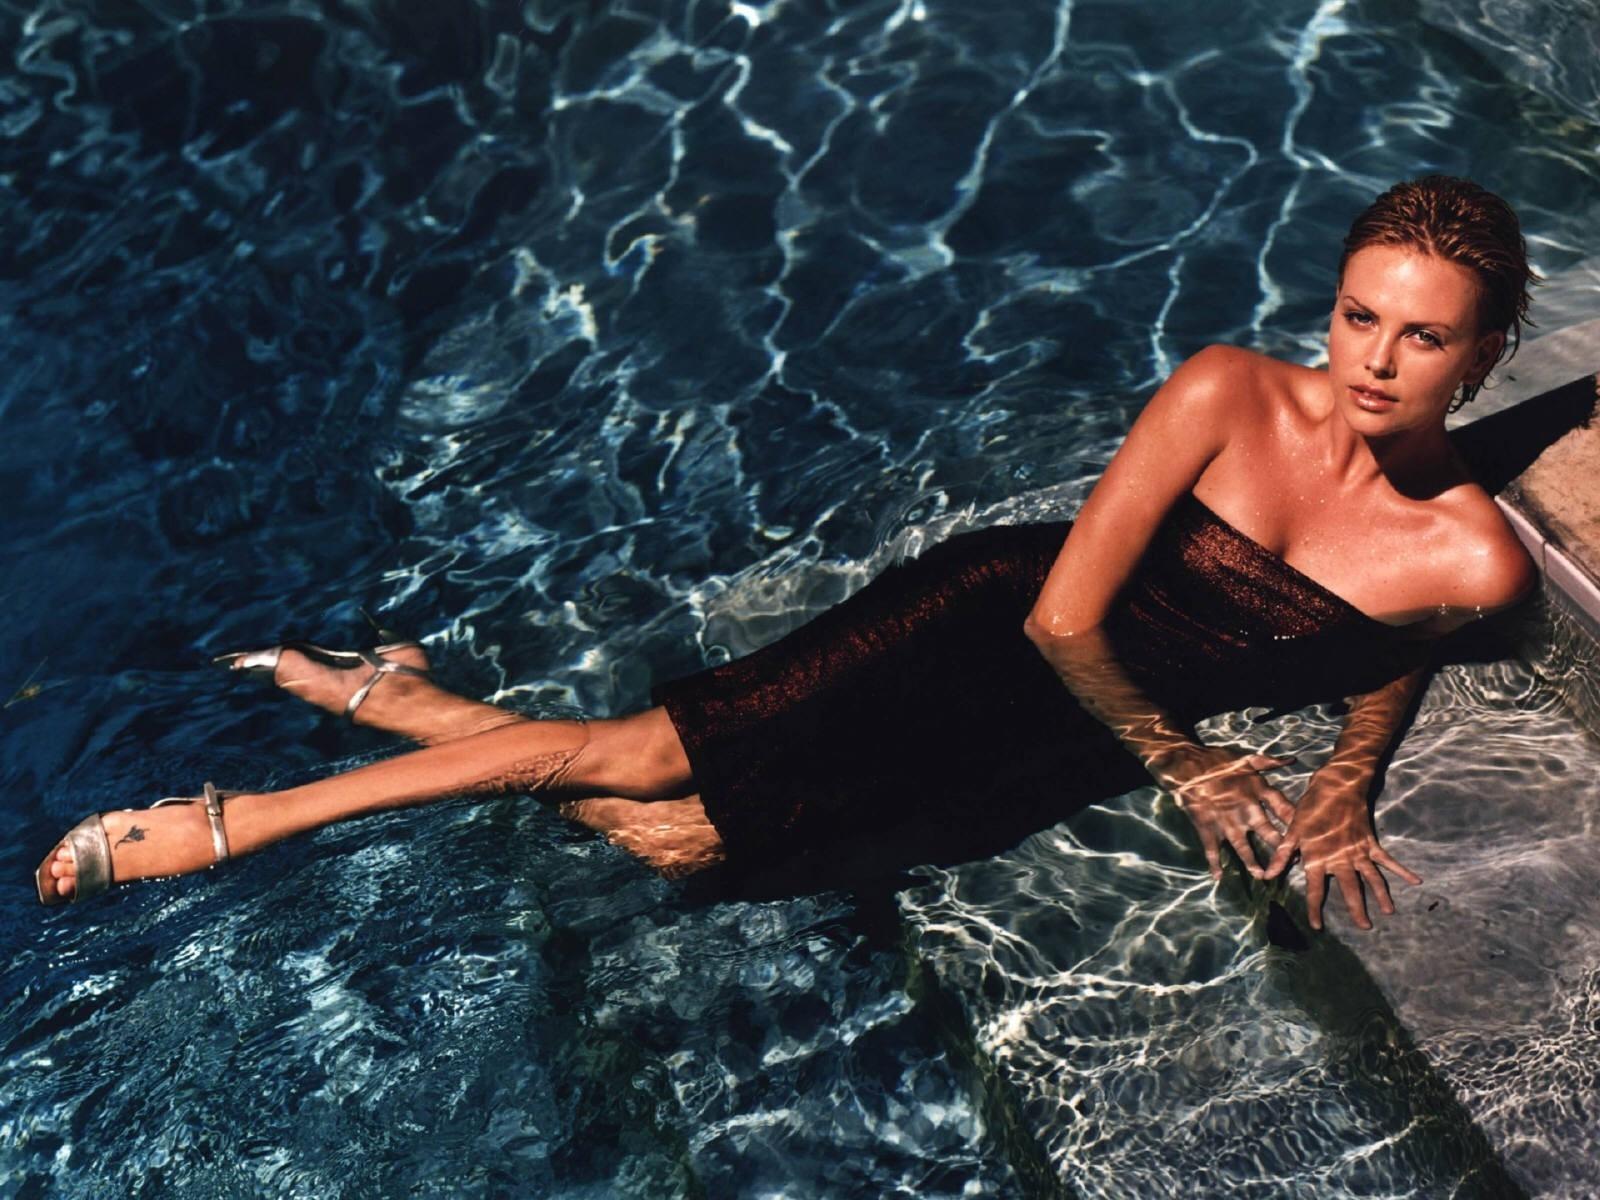 Wallpaper di Charlize Theron adagiata nell'acqua come una sirena